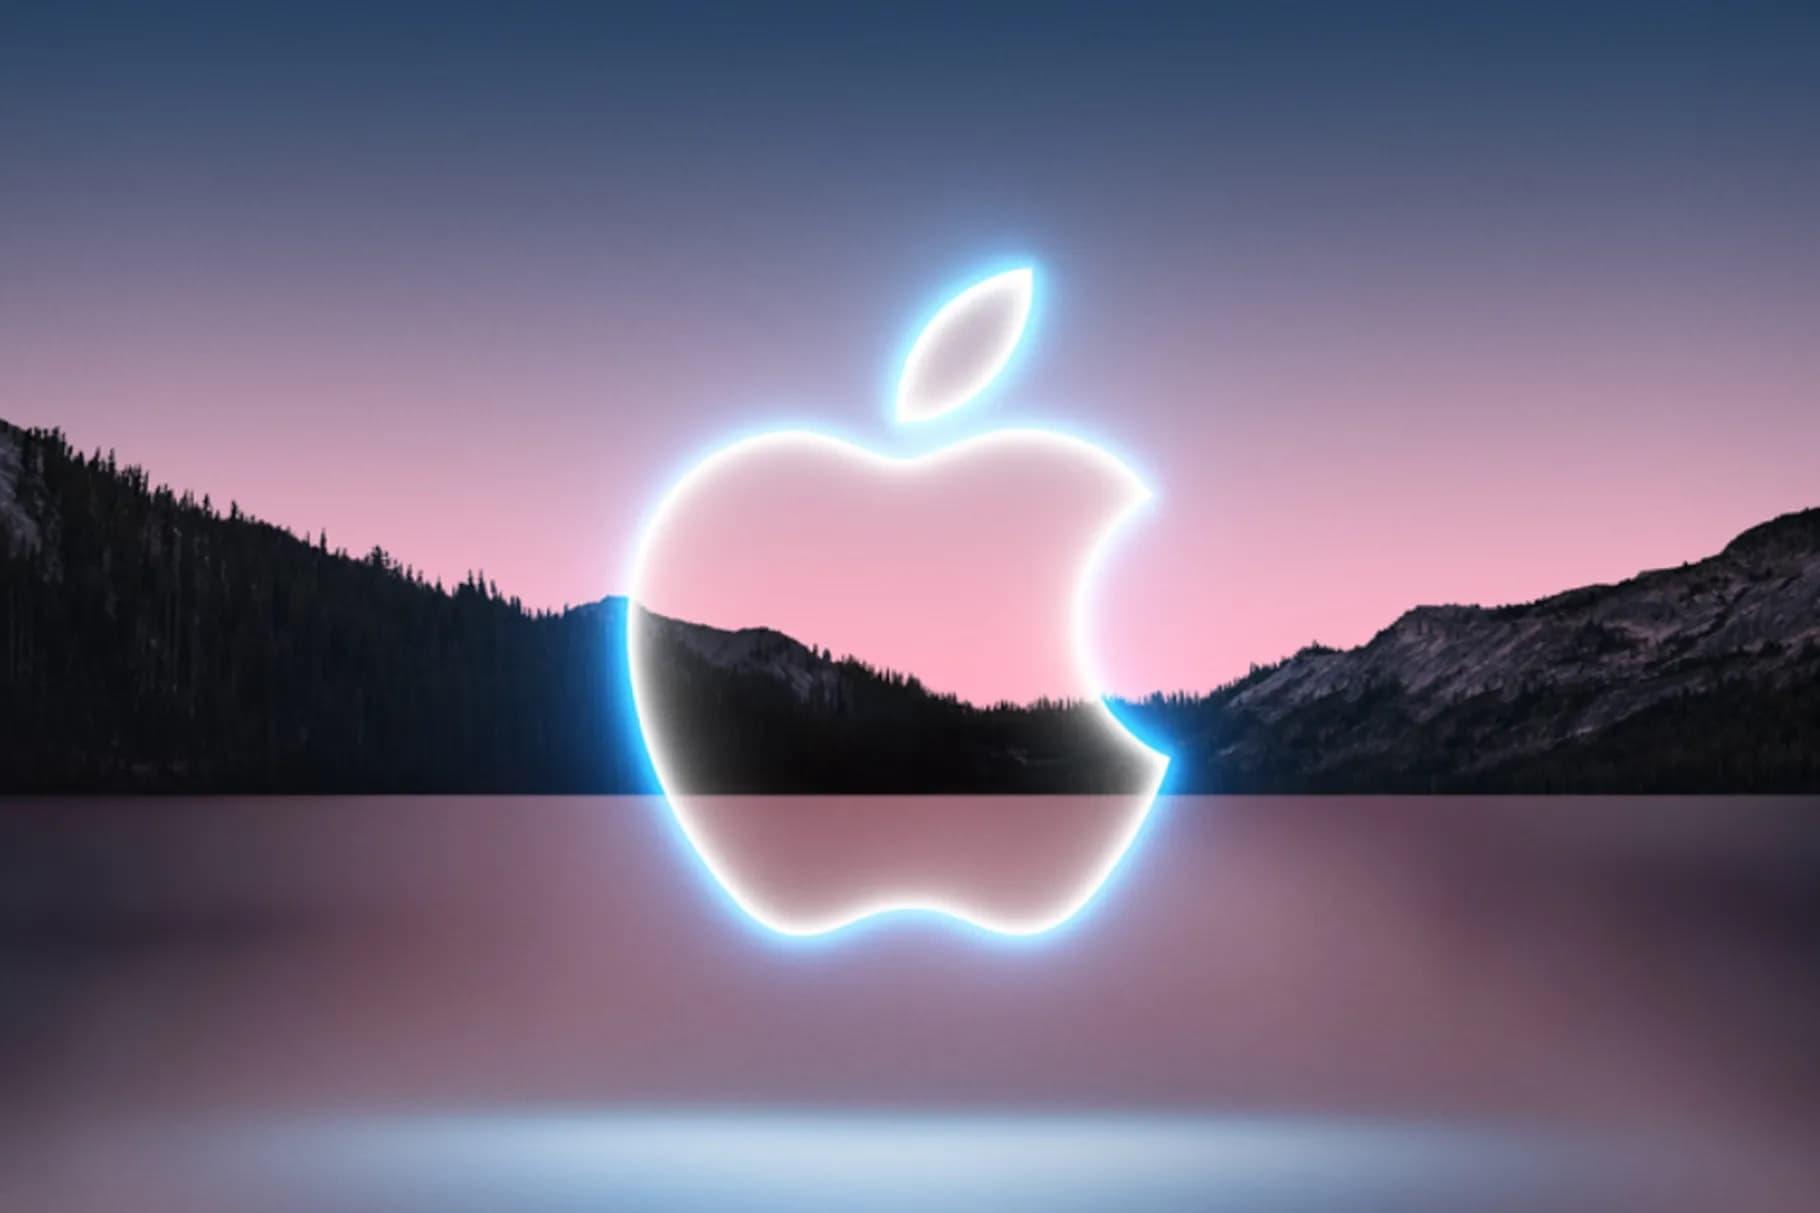 Ce qu'il faut attendre de l'événement iPhone 13 d'Apple